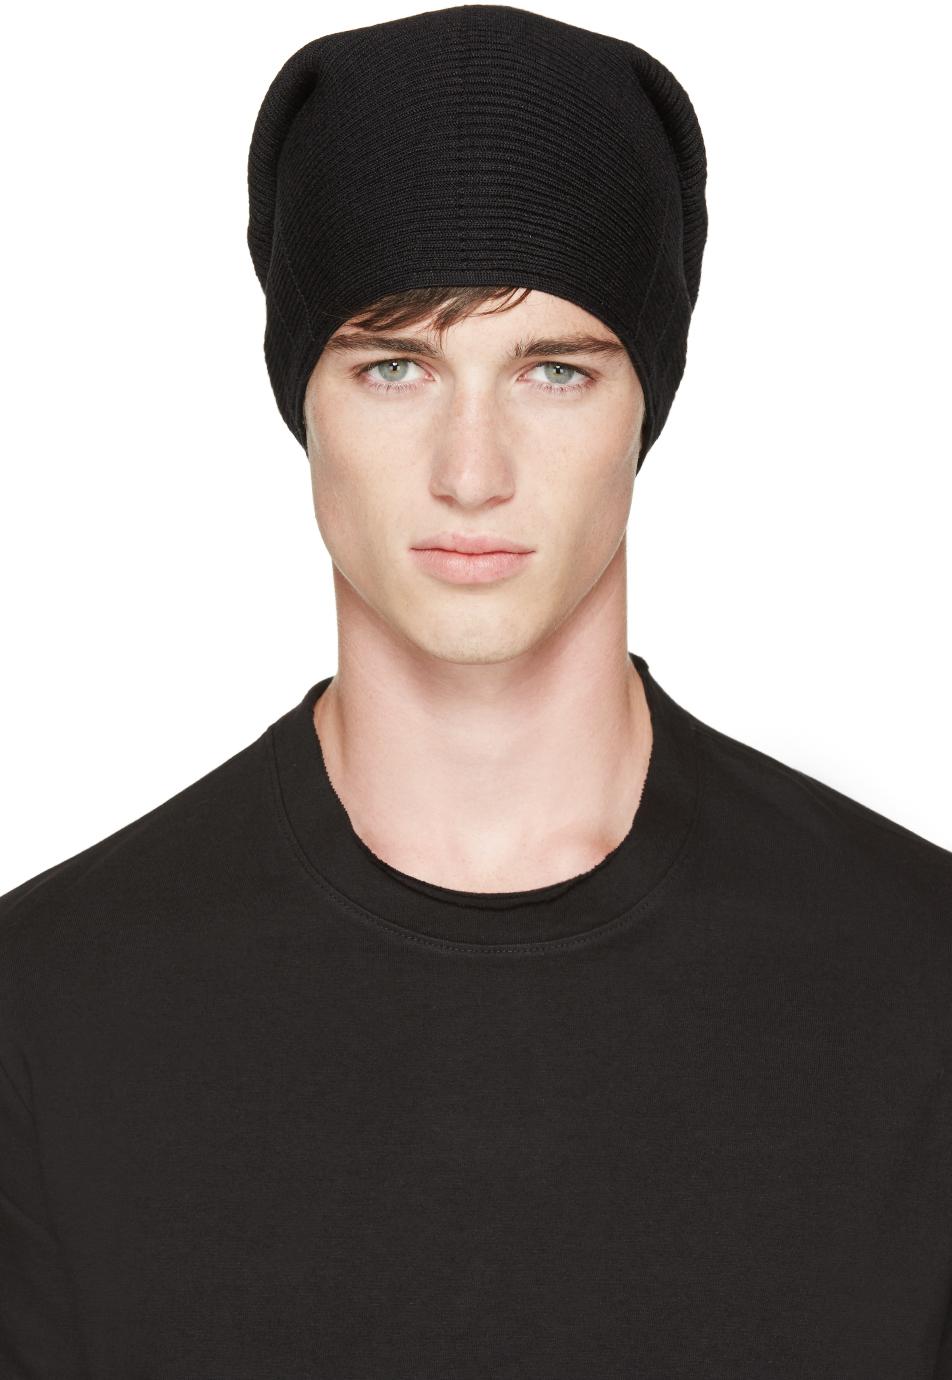 68b2ee167e00c Julius Black Knit Tube Beanie in Black for Men - Lyst